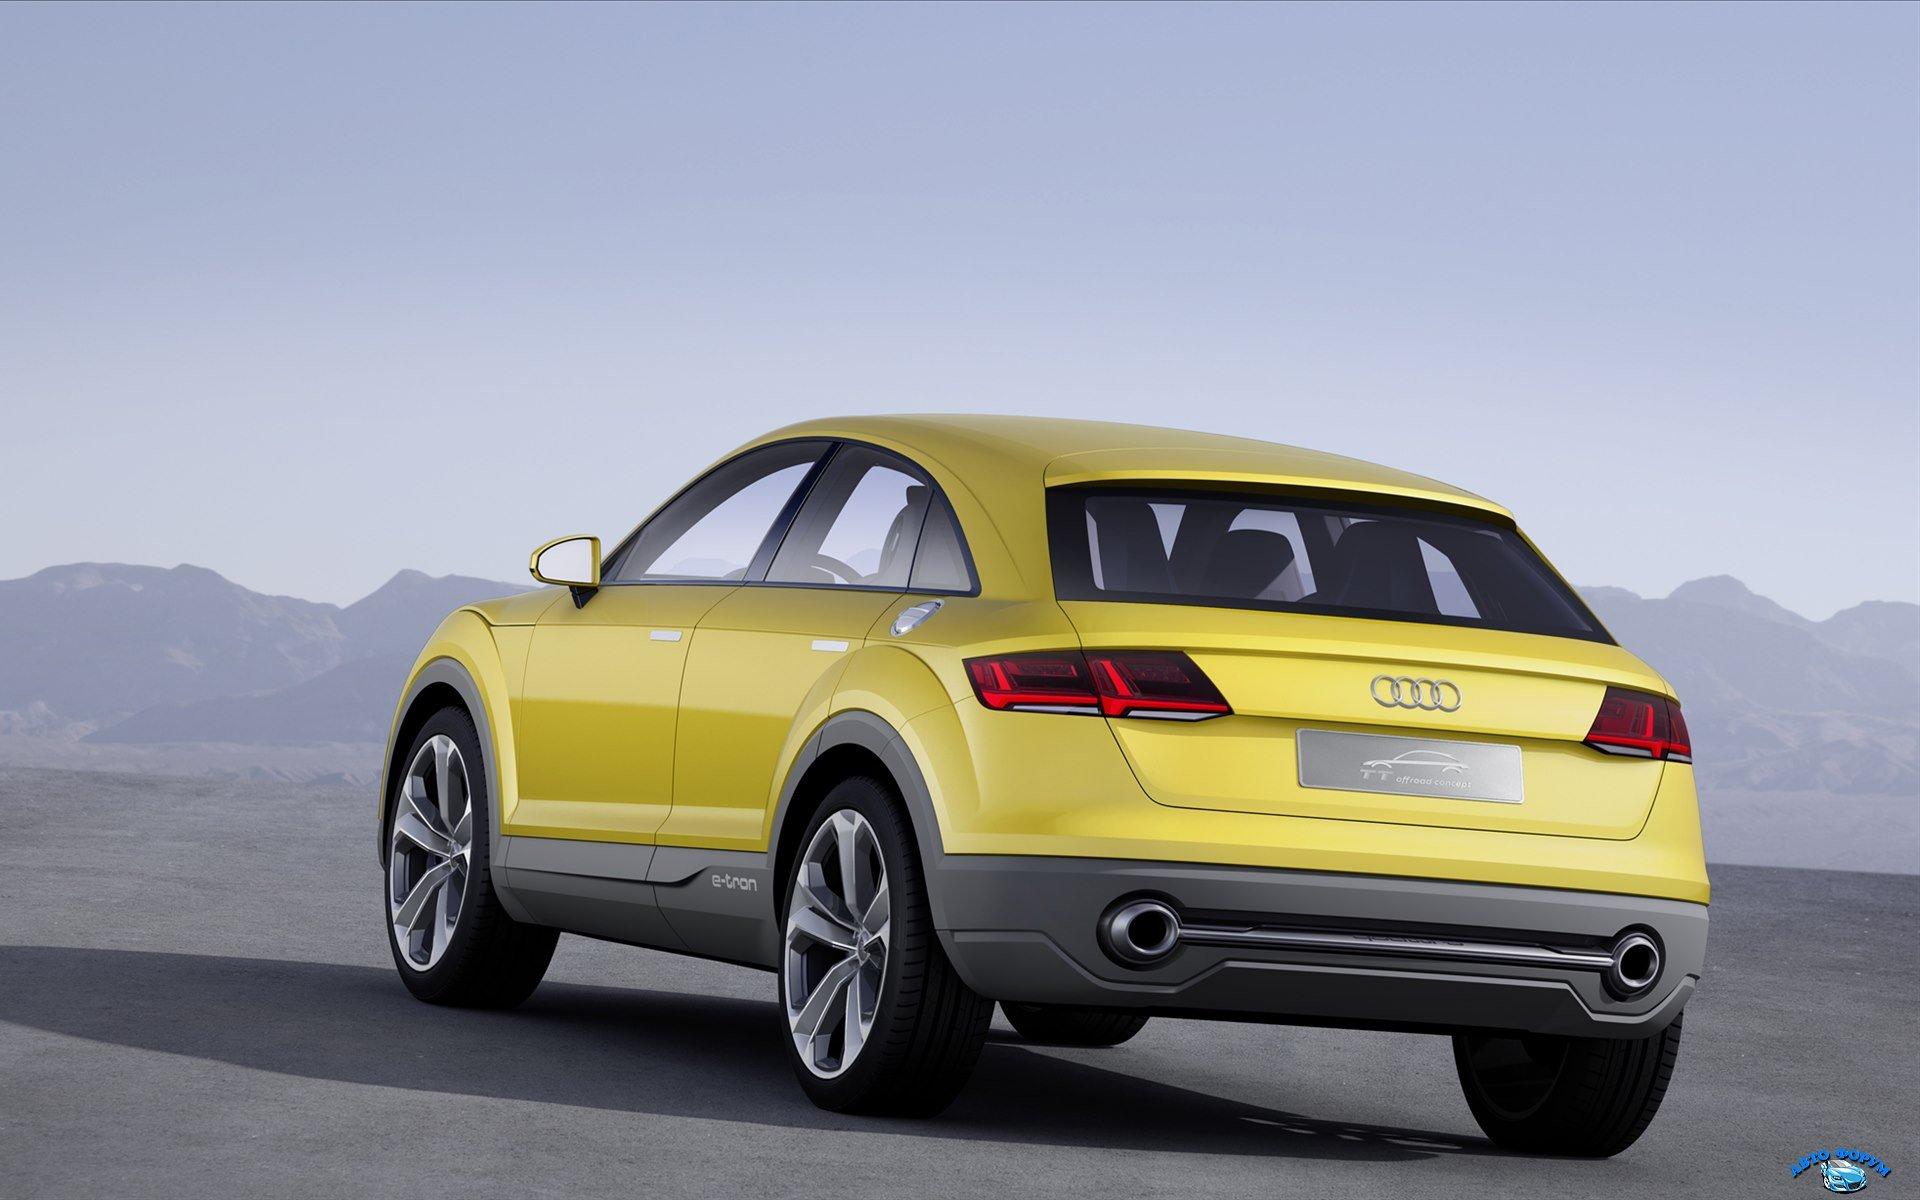 Audi-TT-offroad-concept-2014-widescreen-03.jpg